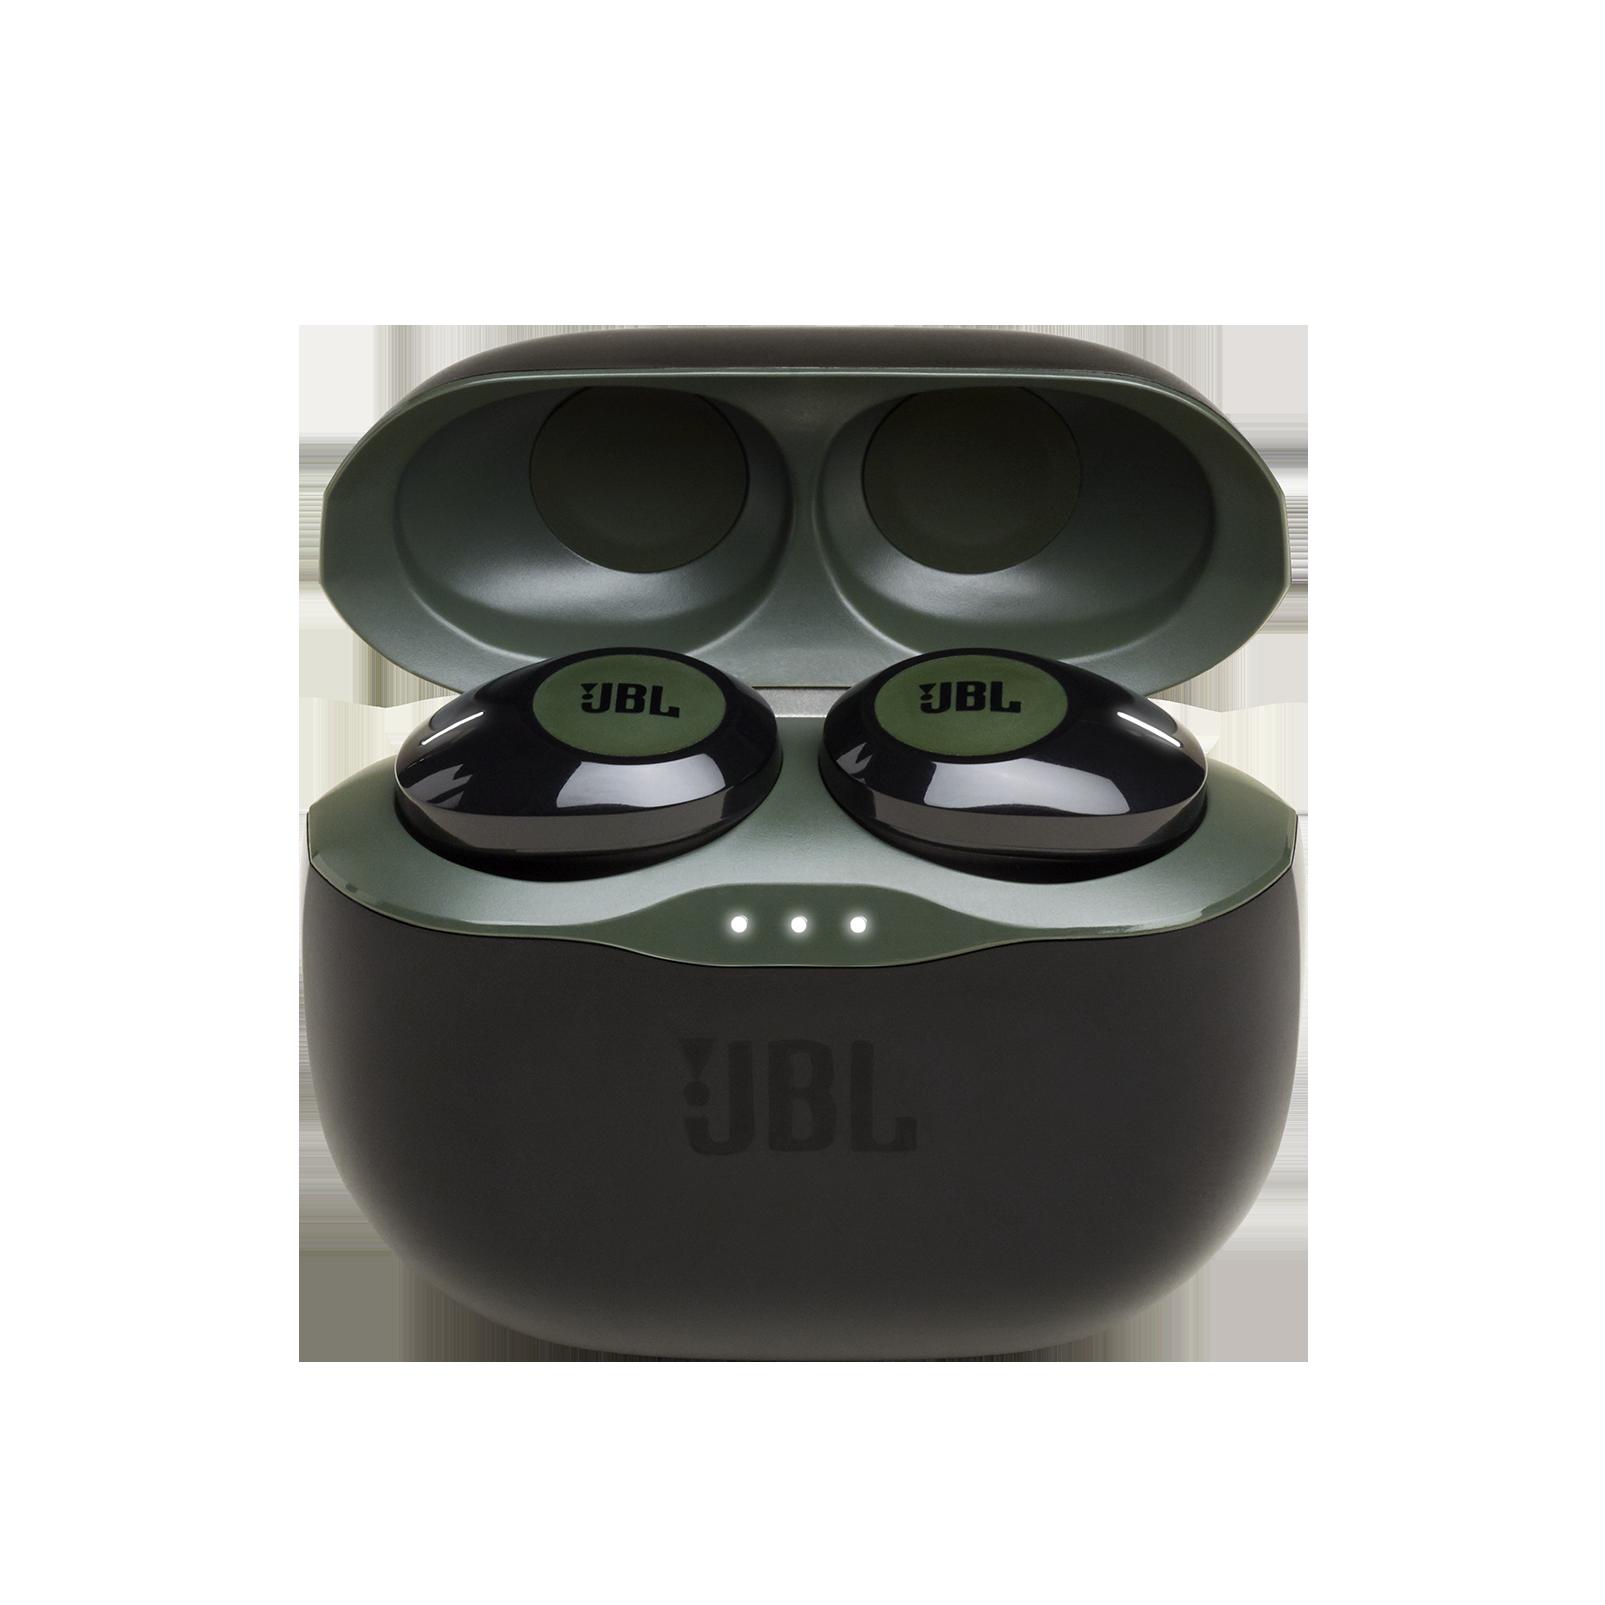 JBL TUNE 120TWS - Green - Truly wireless in-ear headphones. - Detailshot 2